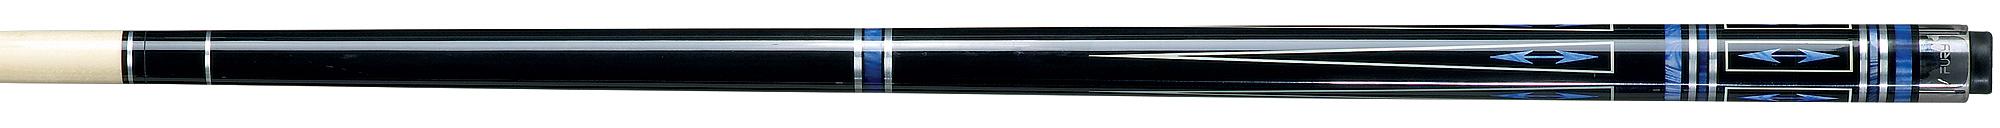 10694 fury st-4 piljardikii